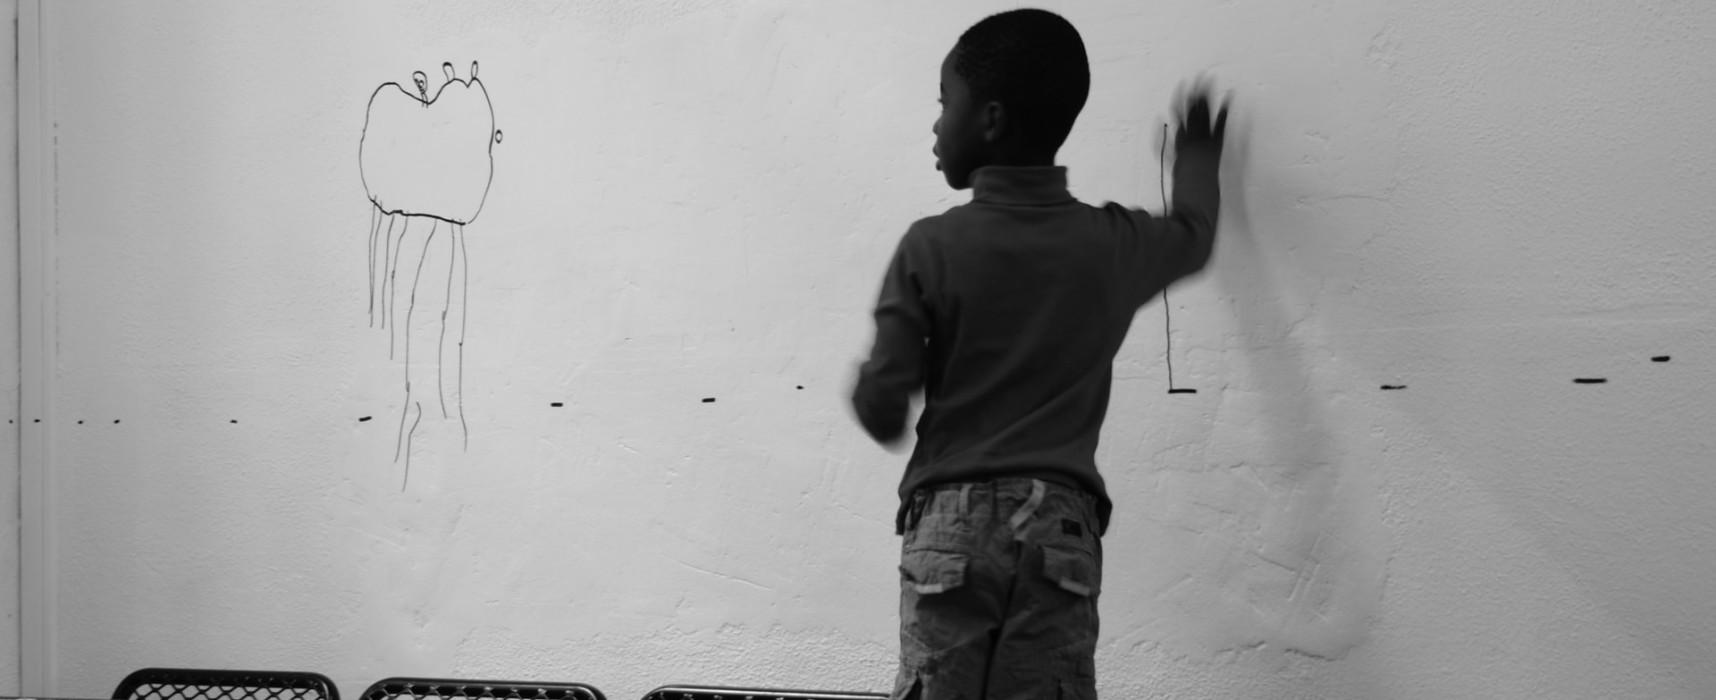 SVE in Madagascar, Perù e India: candidature aperte fino al 16 marzo 2018